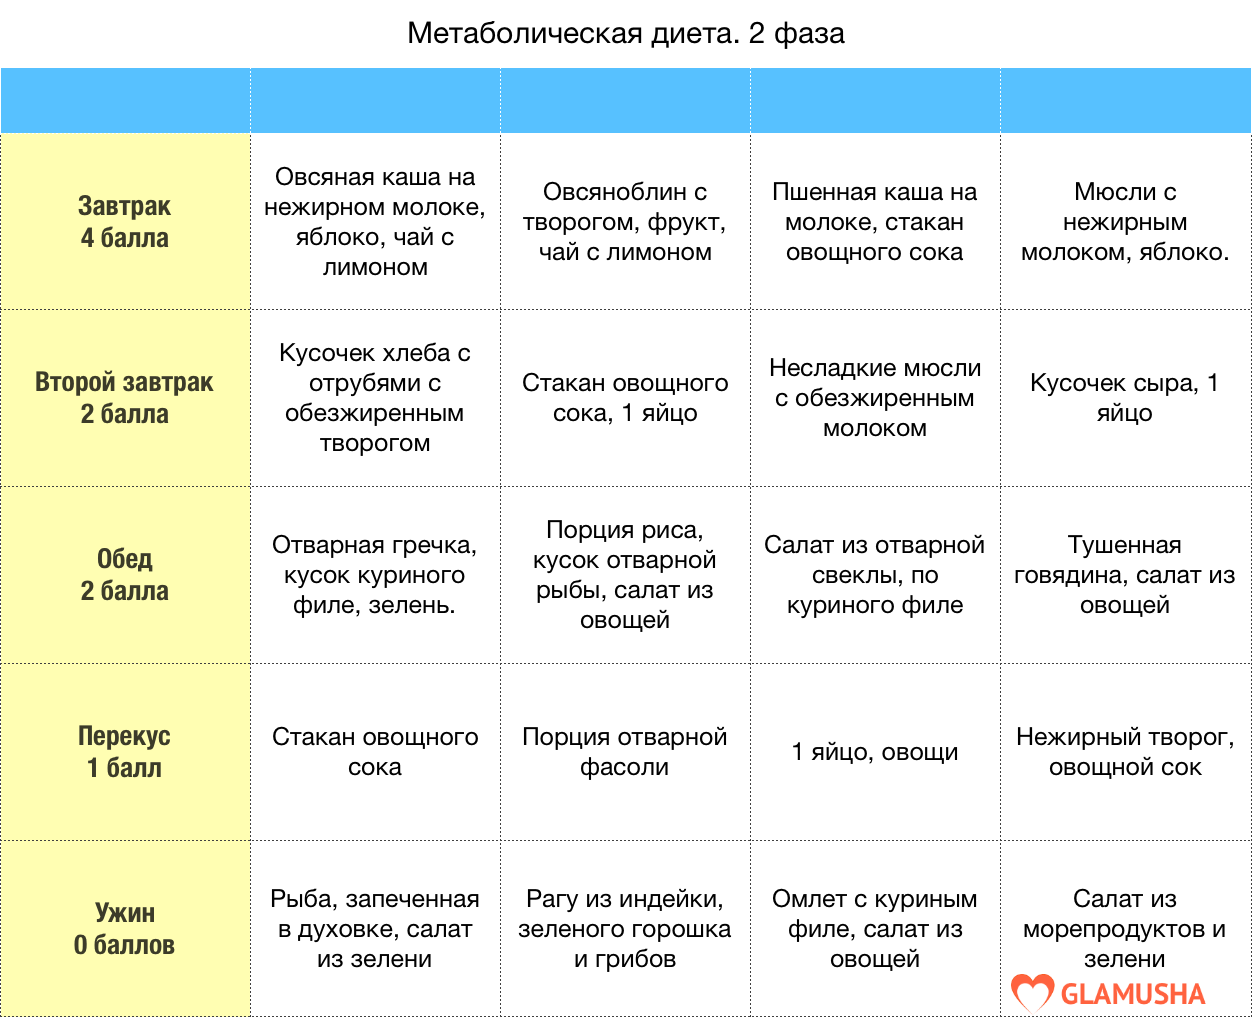 Простые Экономные Диеты.